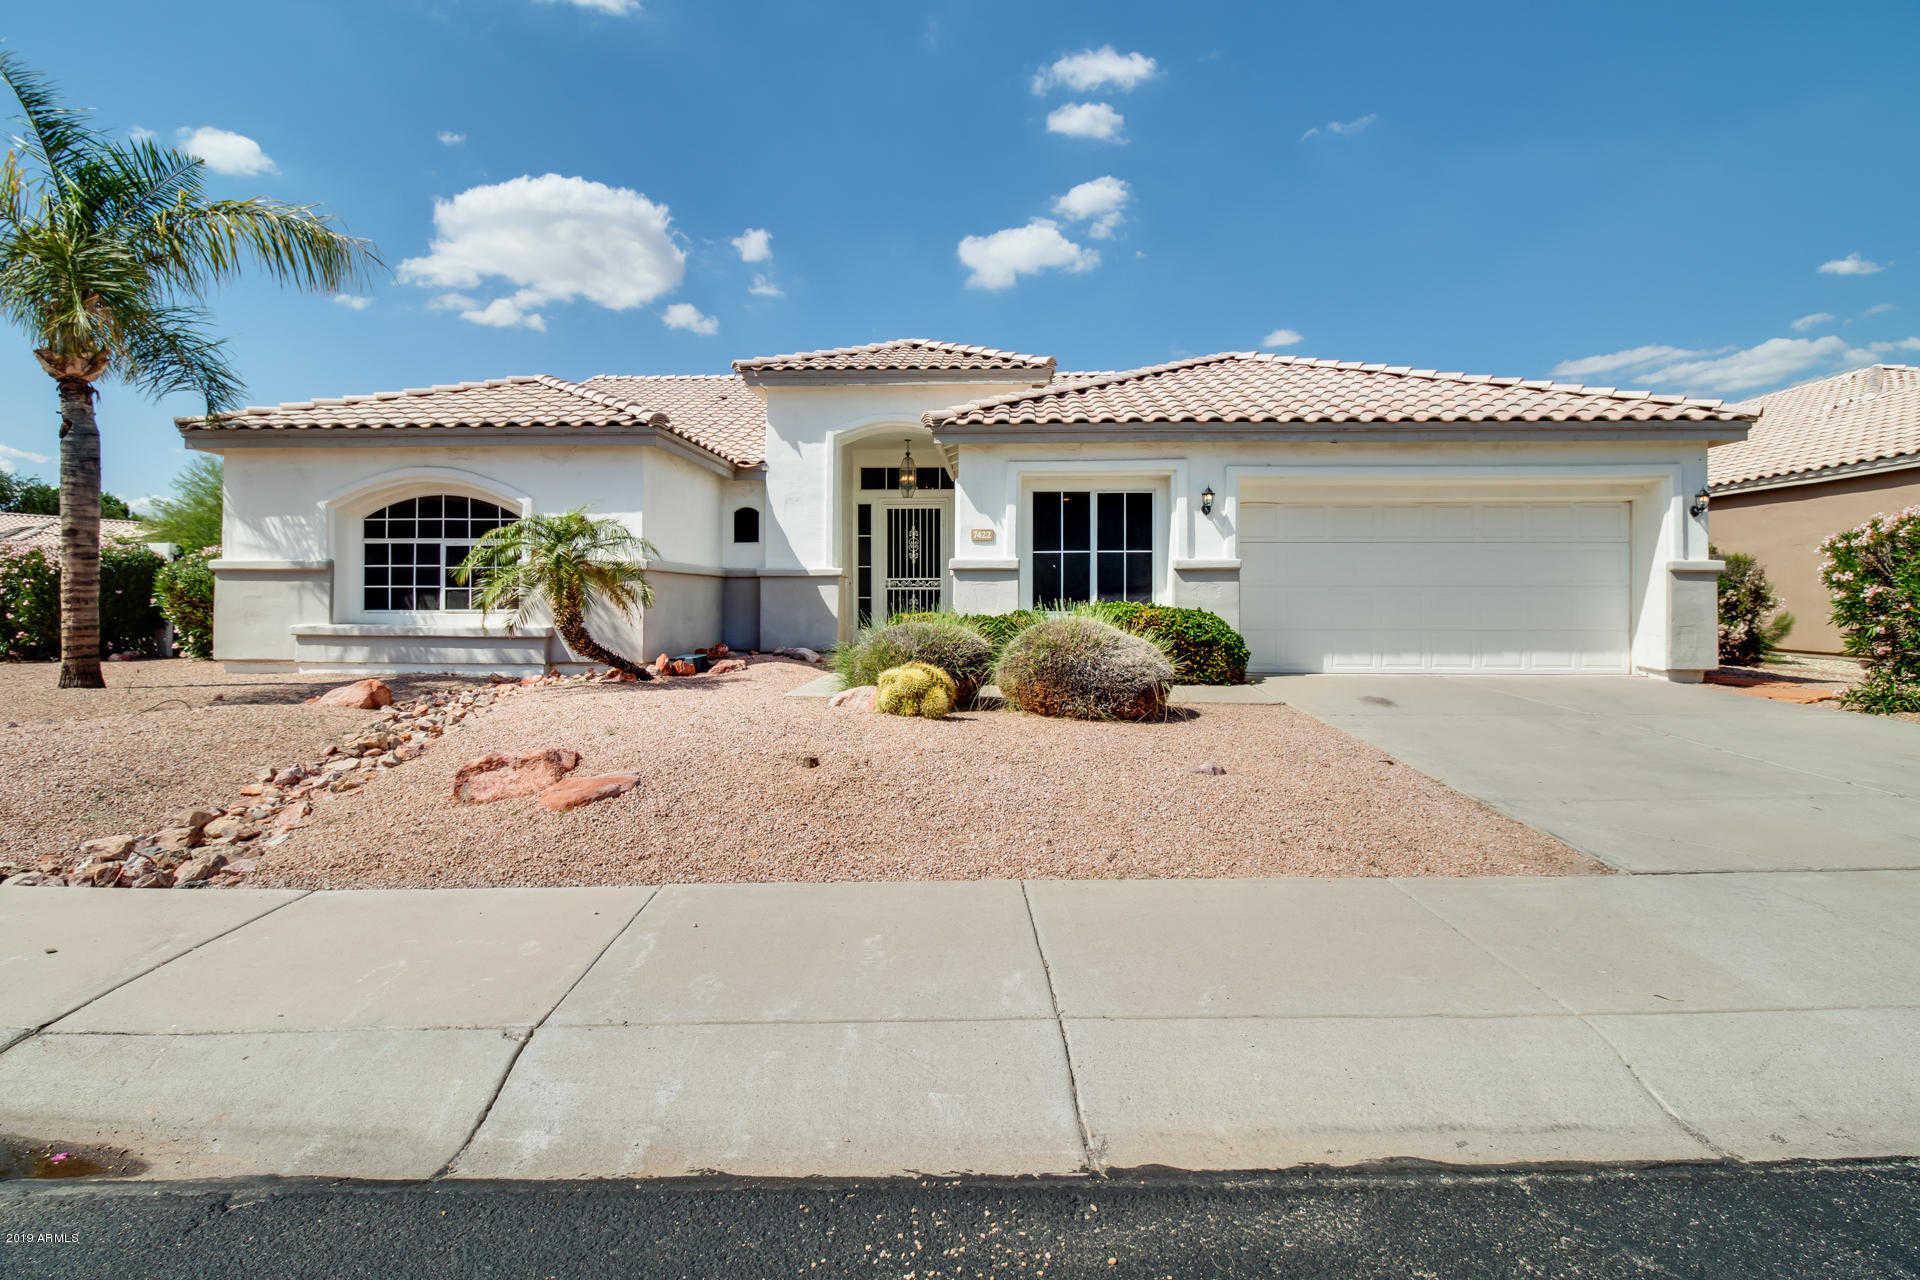 $400,000 - 3Br/3Ba - Home for Sale in Hillcrest Ranch Parcel F & H, Glendale